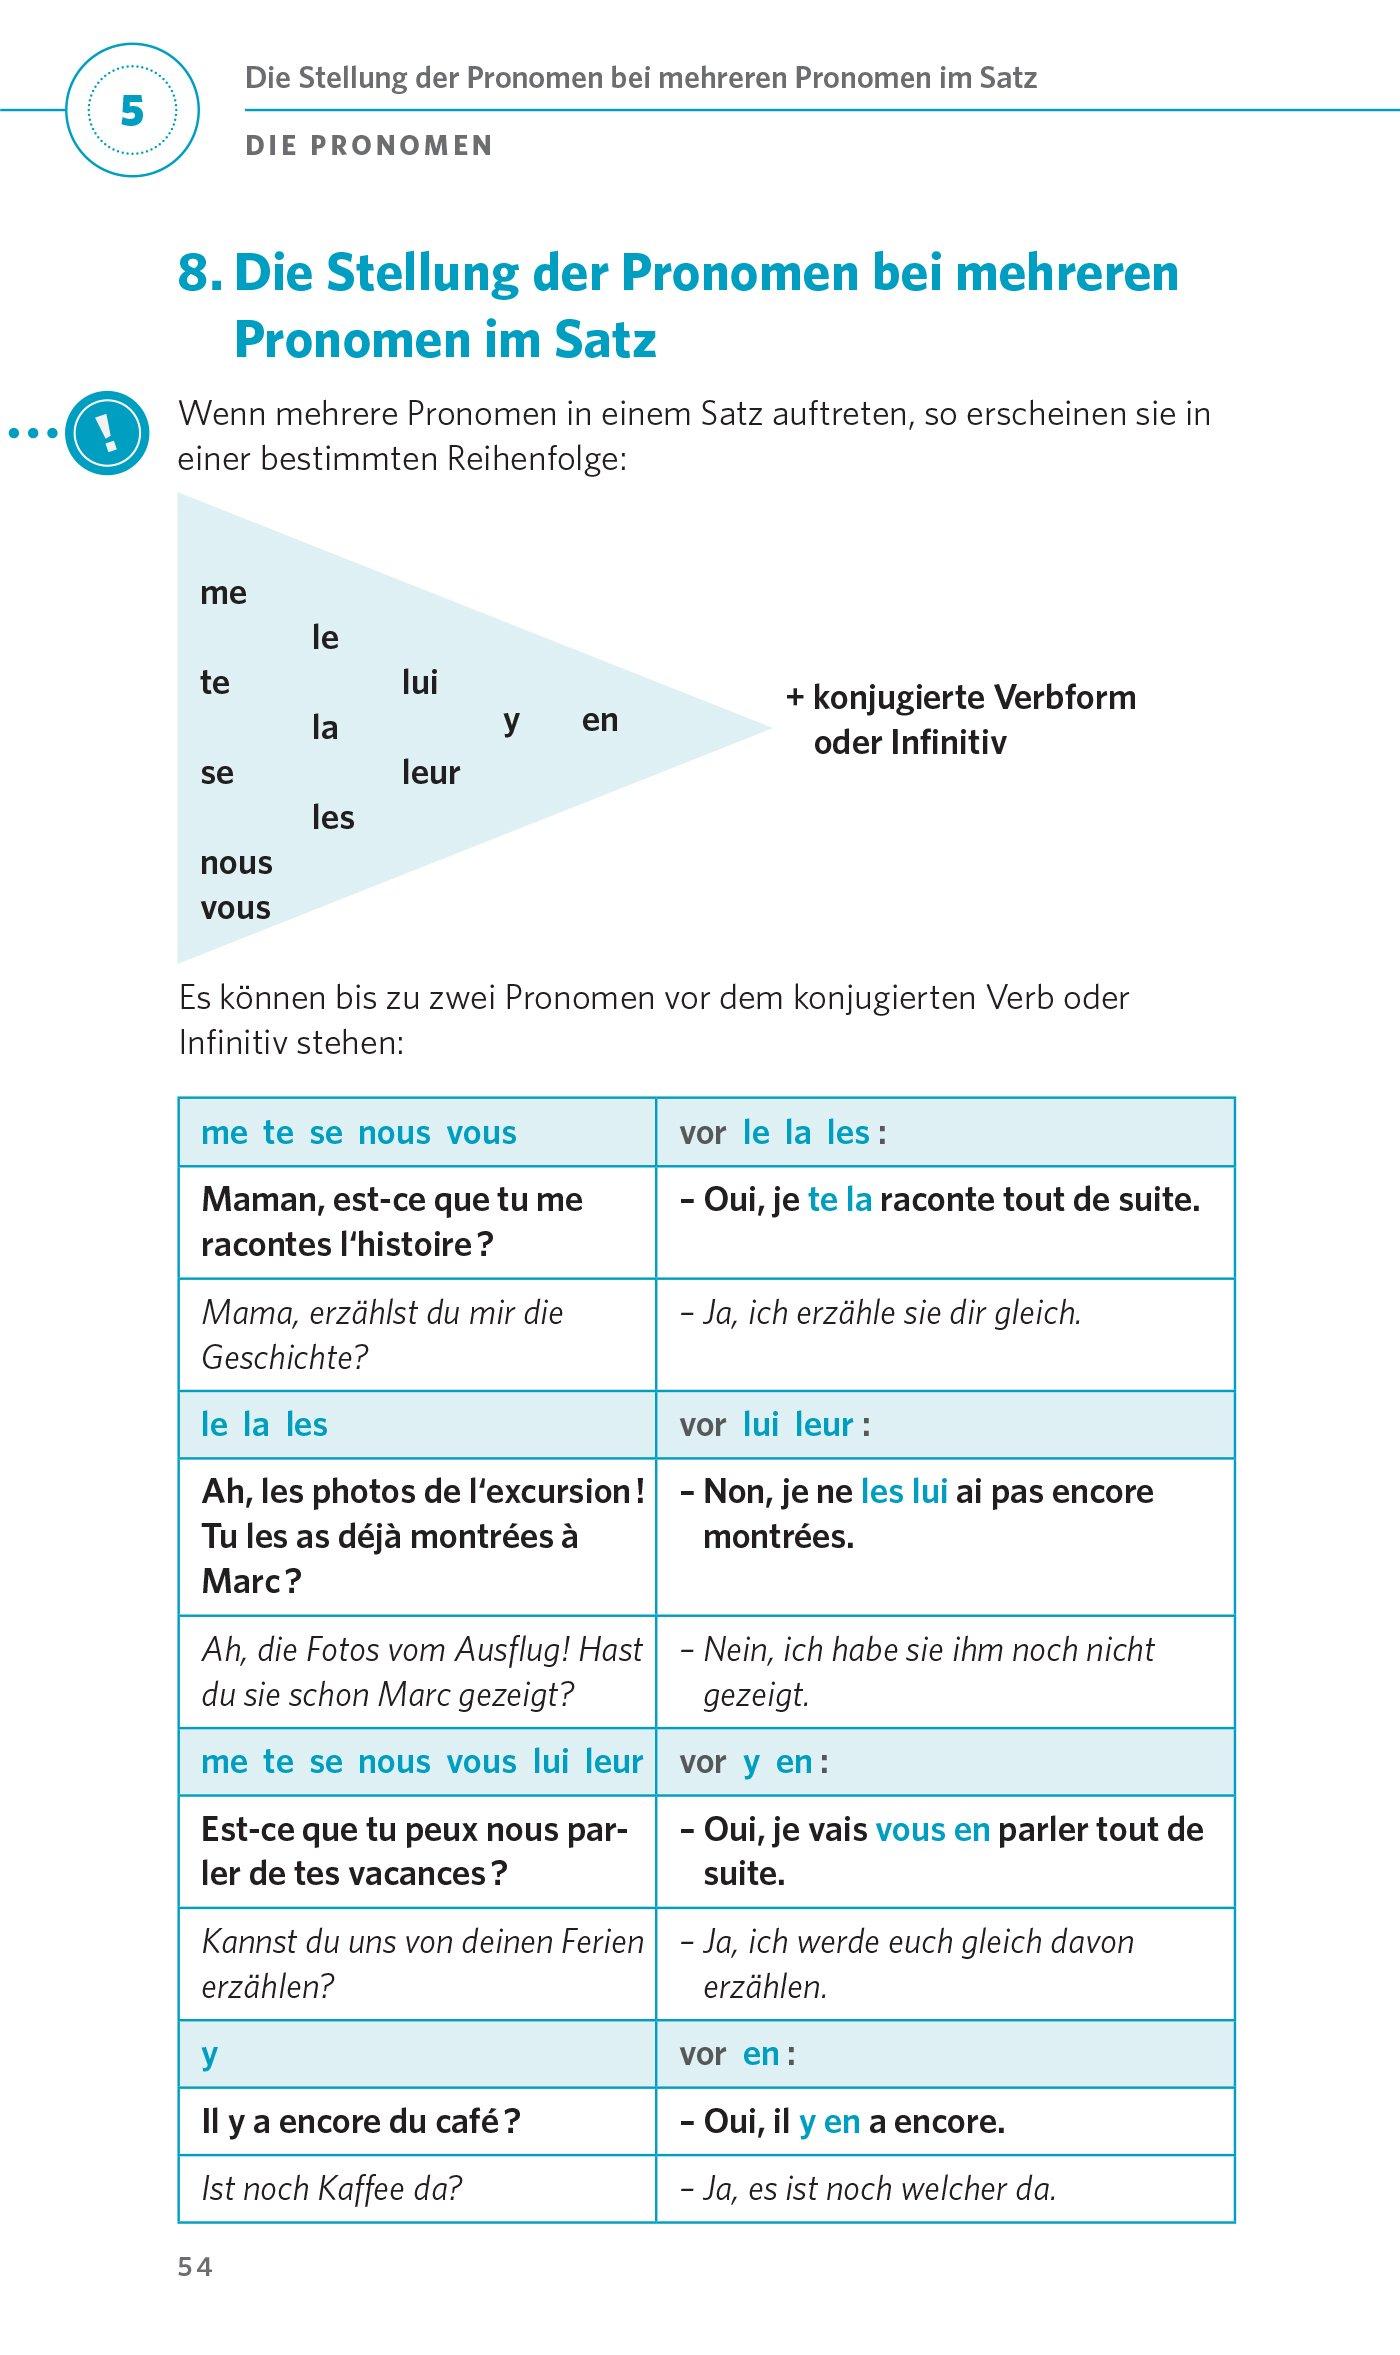 PONS Grammatik Kurz Und Bündig Französisch   Der Grammatik Bestseller* Mit  Dem Leicht Merk System: Amazon.de: Gabriele Forst: Bücher